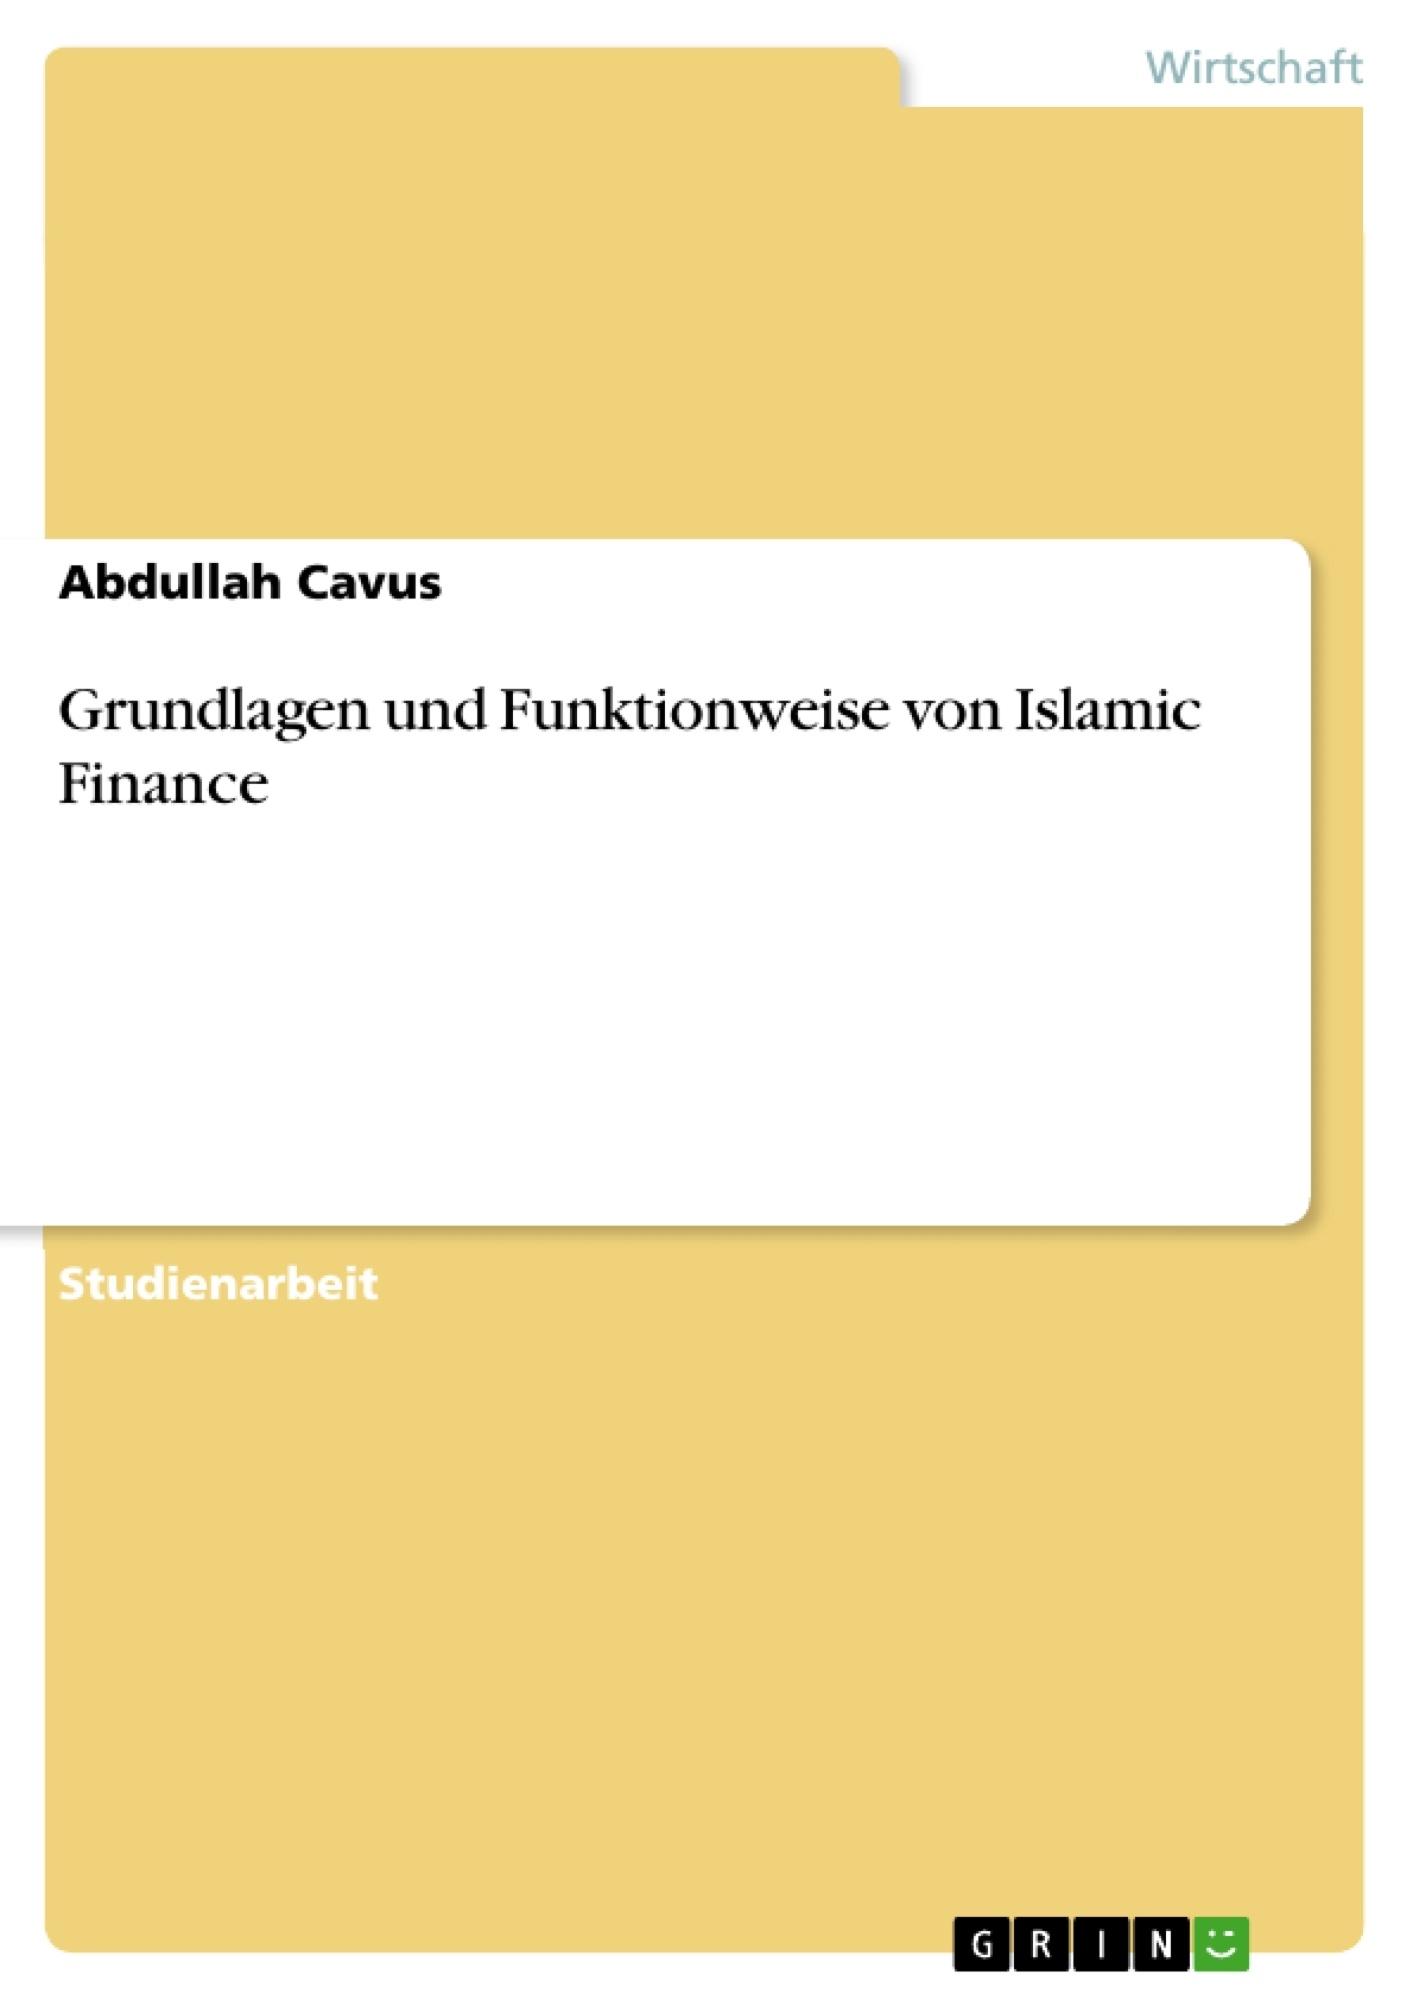 Titel: Grundlagen und Funktionweise von Islamic Finance